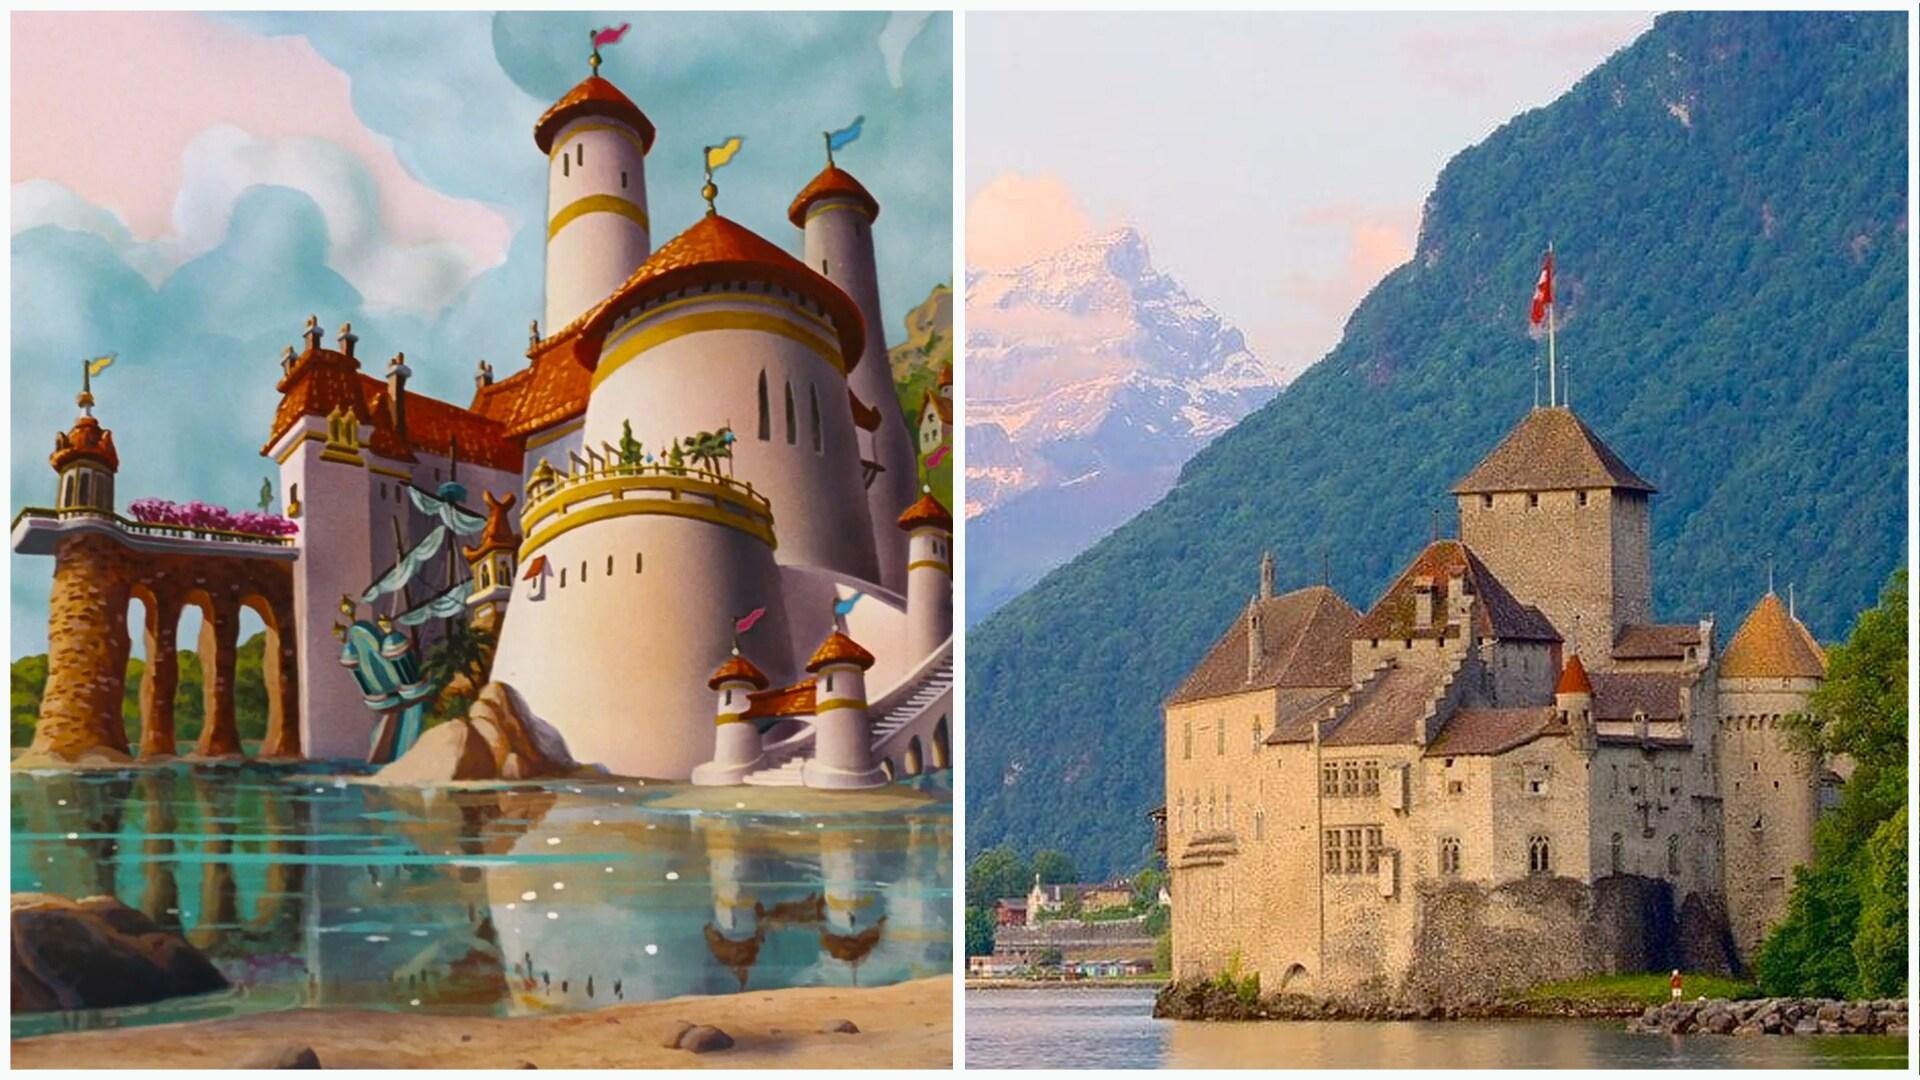 A Pequena Sereia - Castelo de Chillon, Suíça